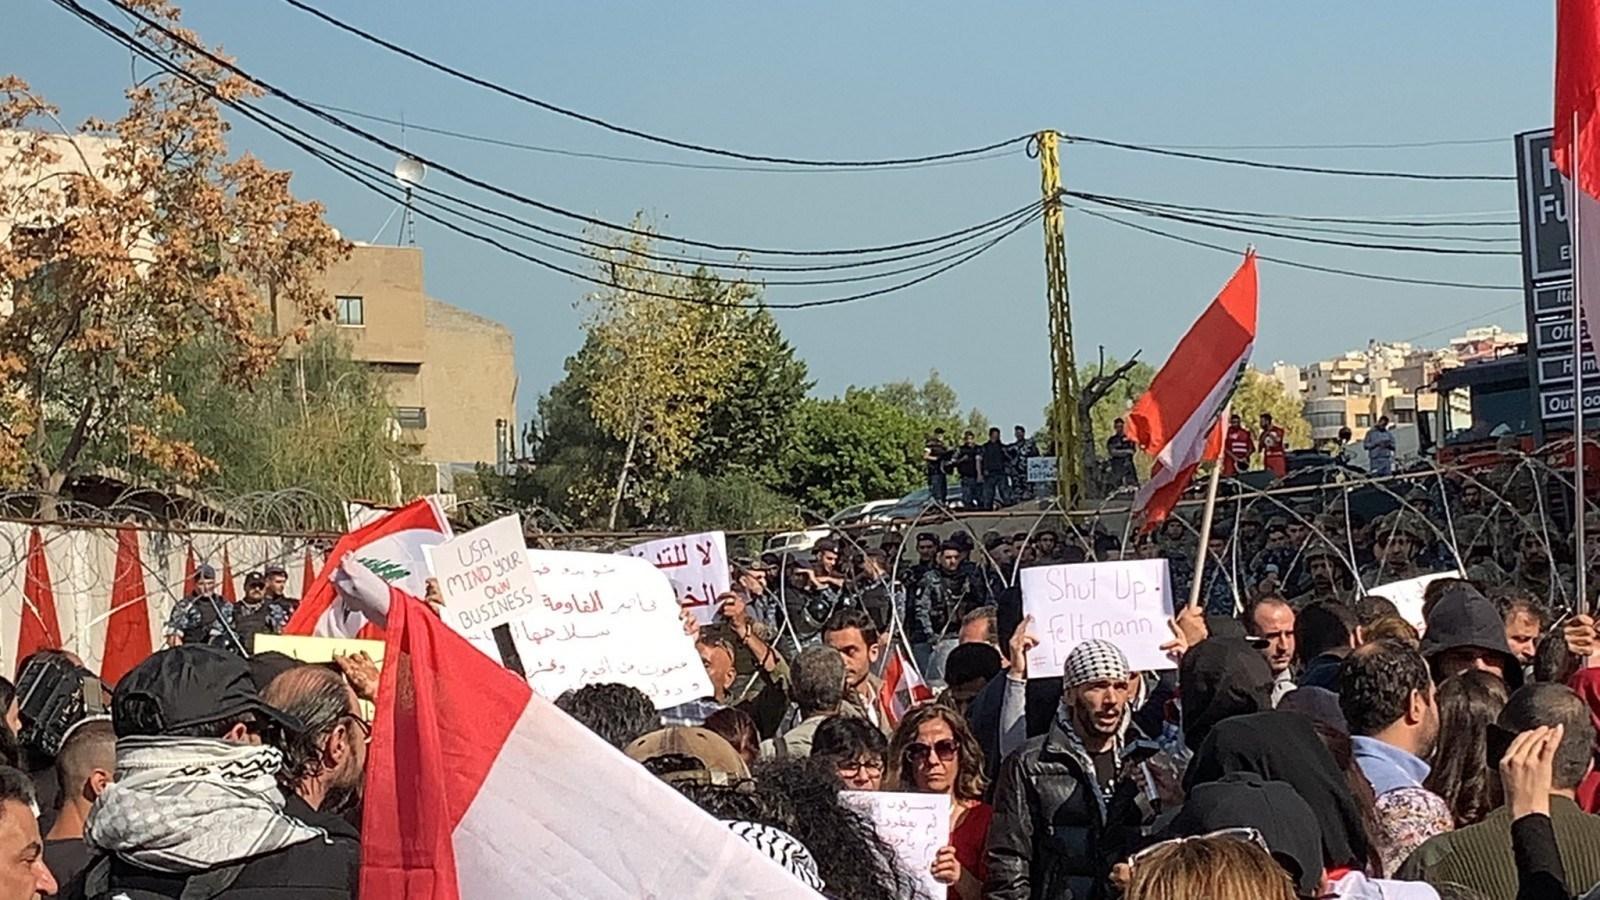 تظاهرة أمام السفارة الأميركية شمال بيروت تنديداً بدور  واشنطن في تعميق الأزمة الاقتصادية